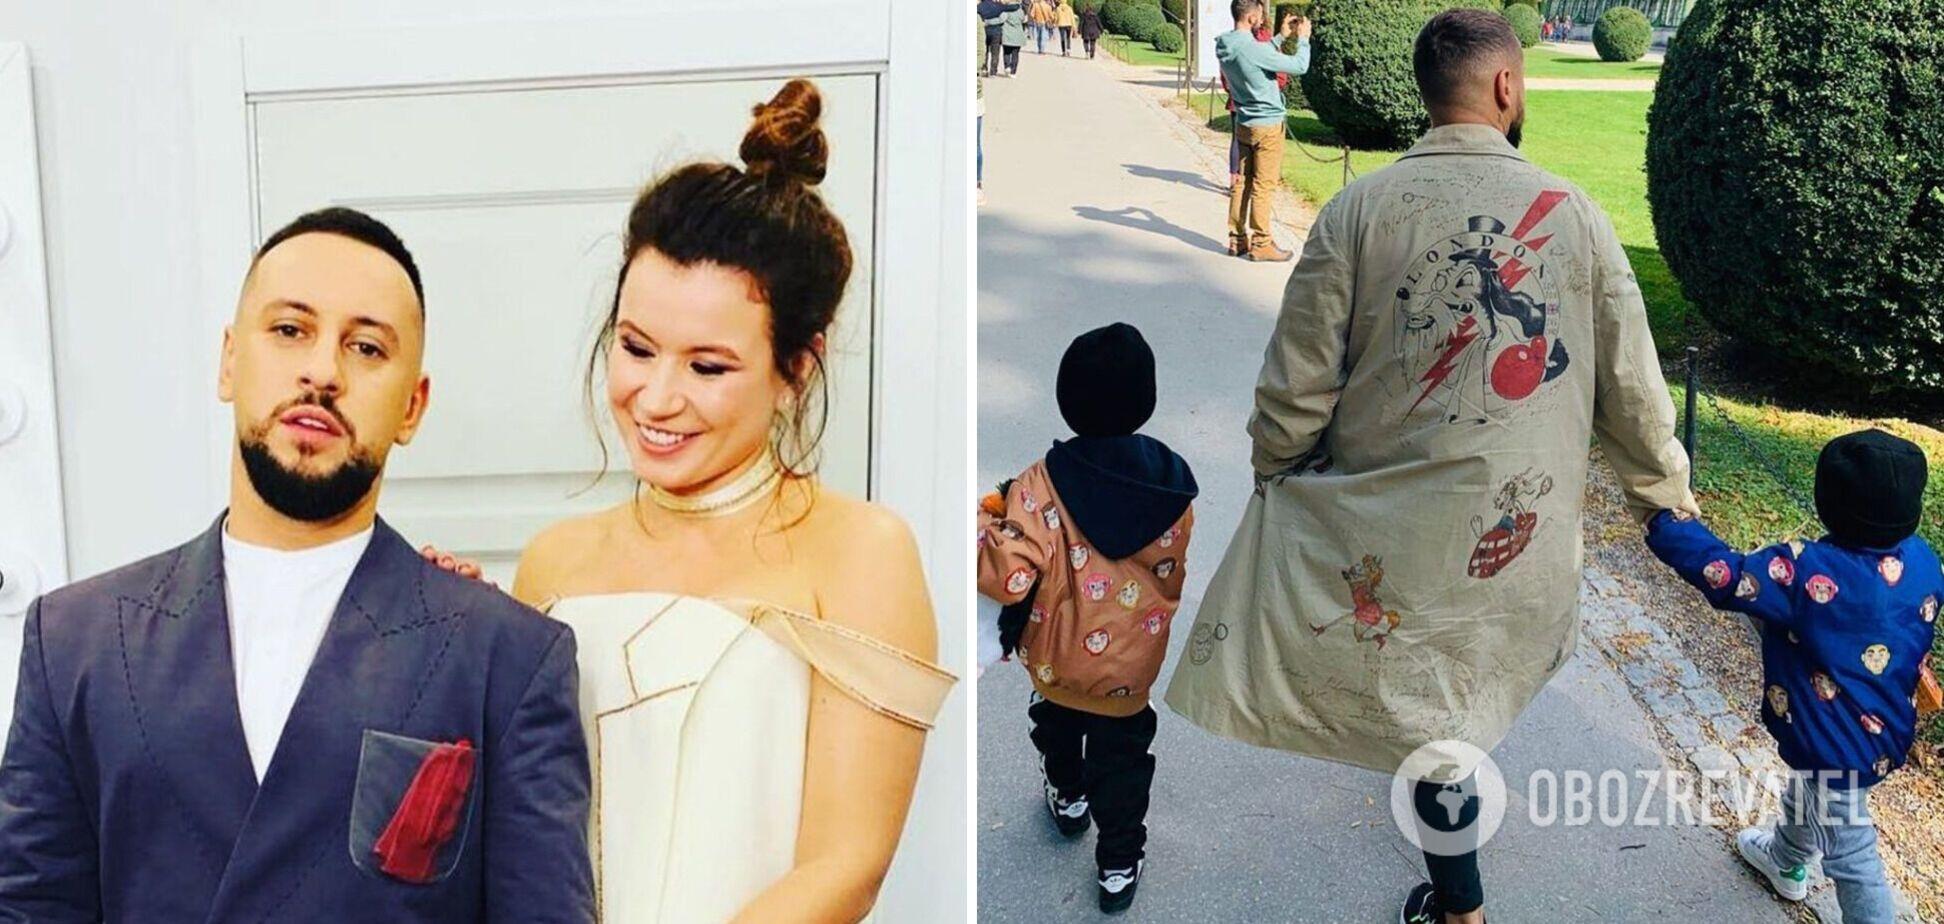 MONATIK з'явився на обкладинці модного глянцю з дружиною та синами. Фото